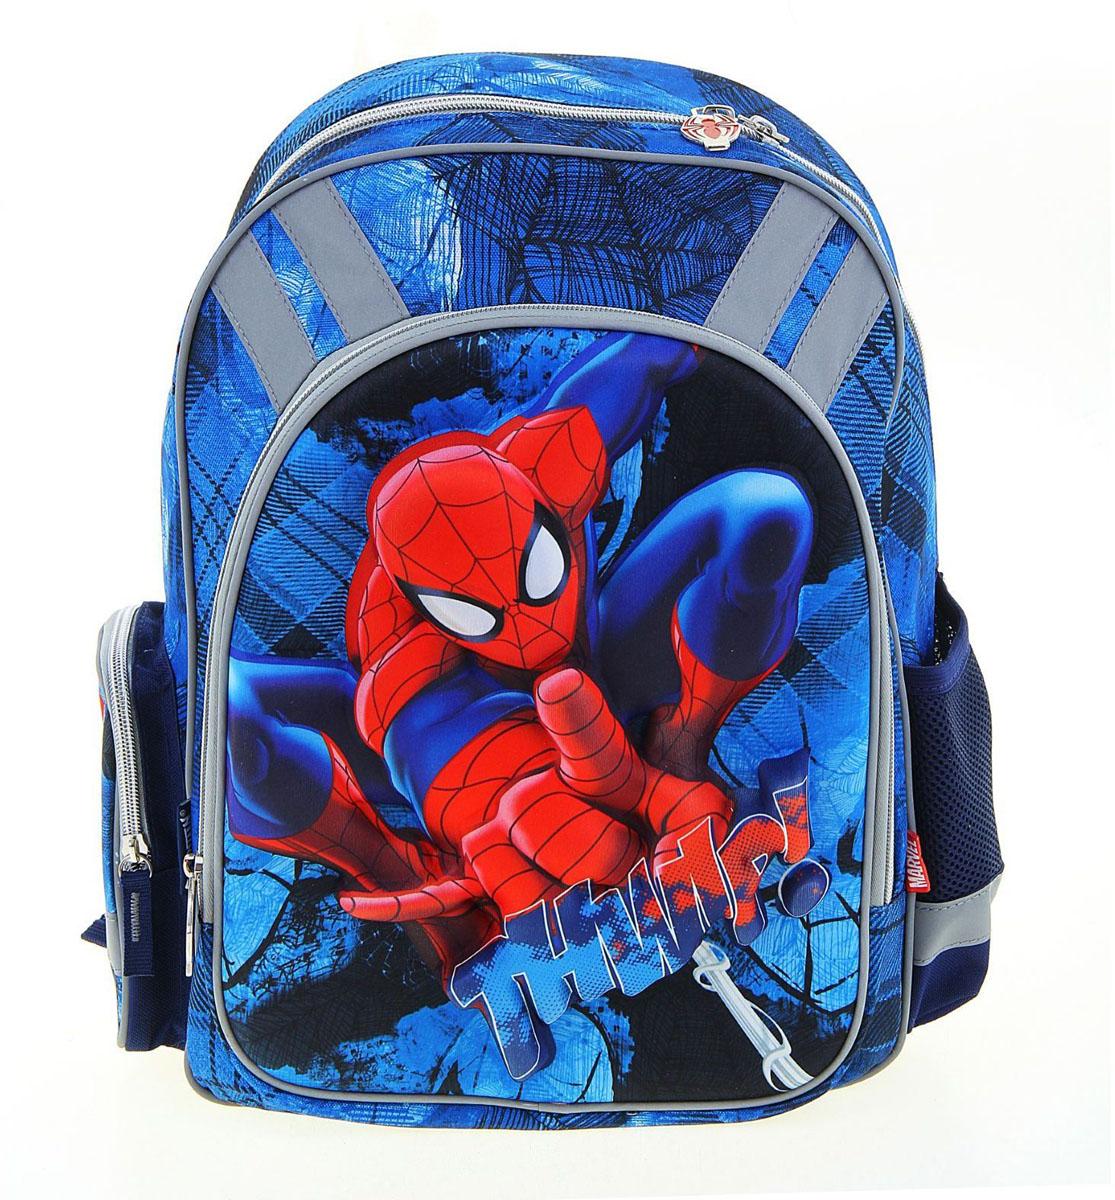 Marvel Рюкзак детский Spiderman72523WDРюкзак школьный эргономичная спинка Disney Spiderman 38*29*13 для мальчика, синий — это более мягкая, по сравнению с ранцем, эргономичная текстильная школьная сумка, обладающая оригинальным дизайном и большой вместительностью.В спинку такого рюкзака вставлена пенка, а на местах максимального соприкосновения с телом ребёнка (лопатки, поясница, плечи) ещё и нашиты дополнительные мягкие подушечки, которые дают возможность циркулировать воздуху, обеспечивая комфортные ощущения для спины.Именно такой рюкзак, по мнению врачей-ортопедов, считается оптимальным для школьников начальных и средних классов.